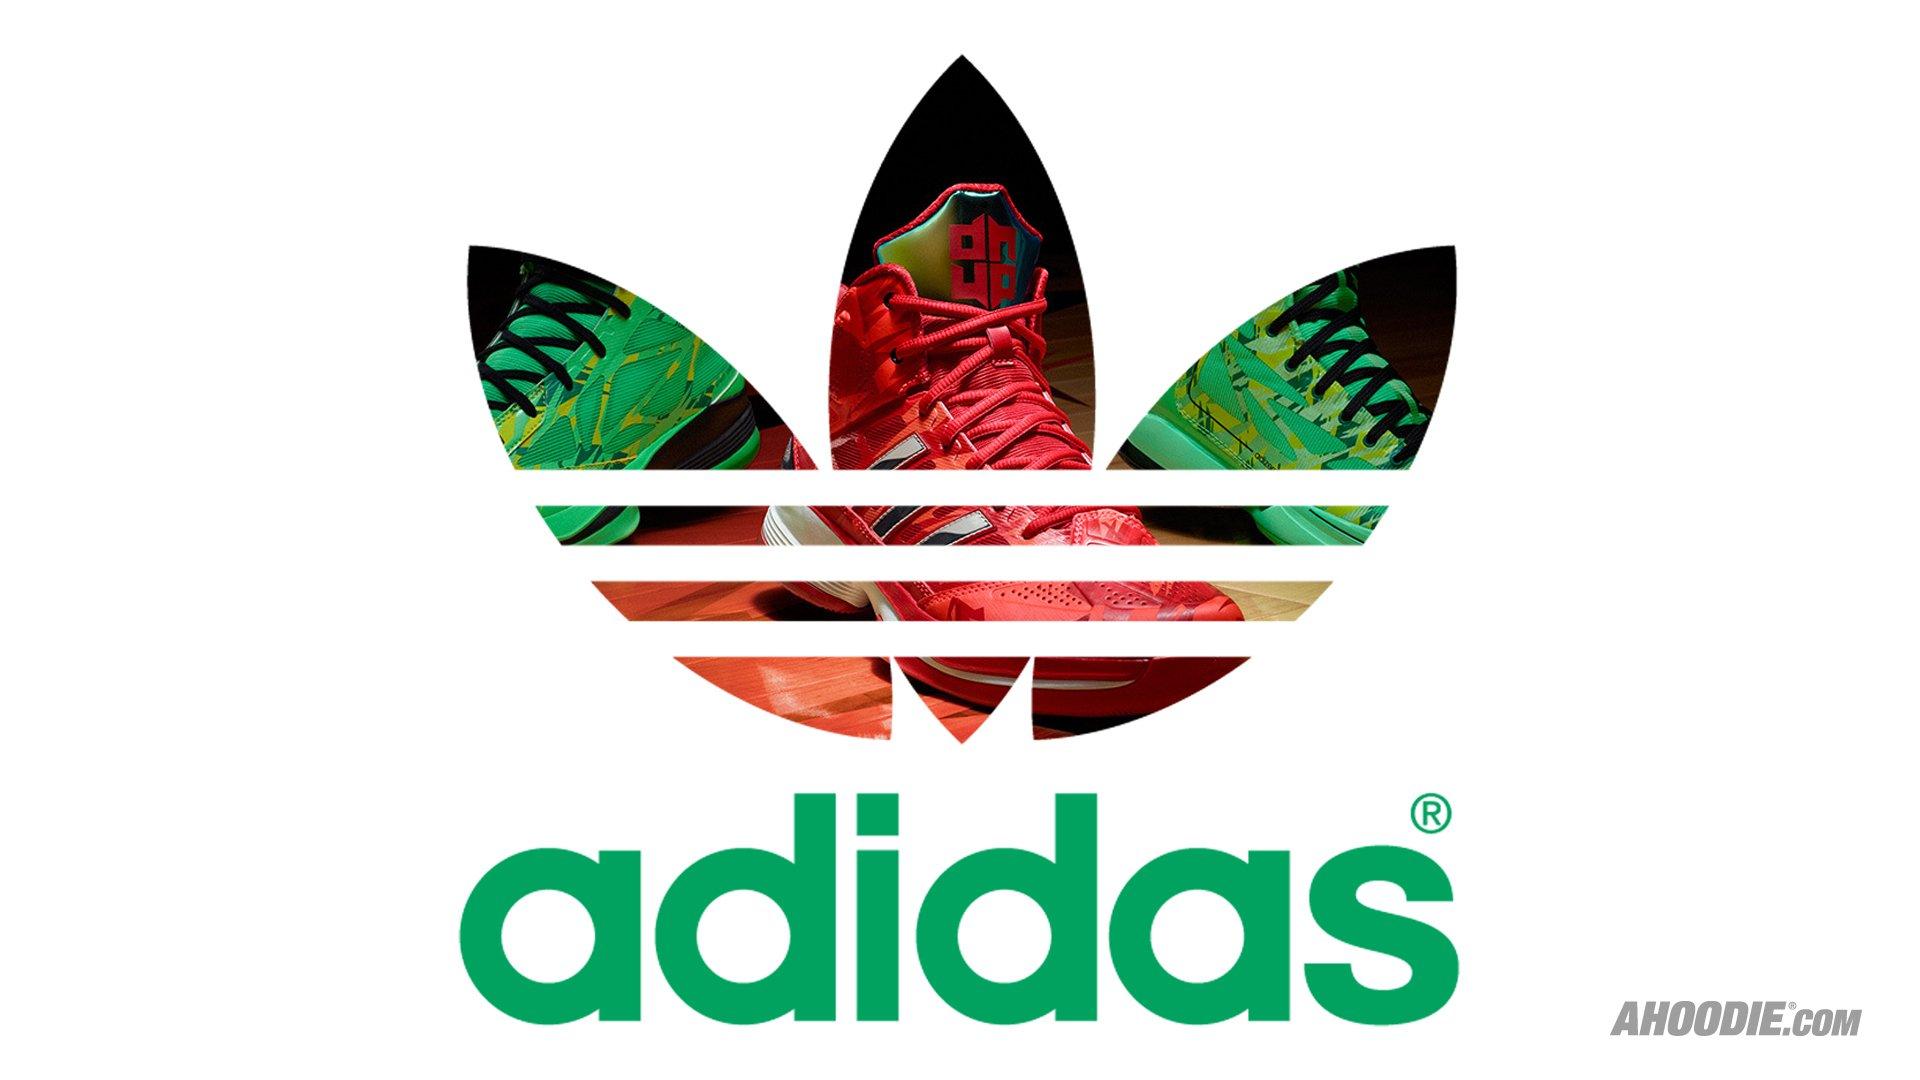 Logo Adidas 823027 - Adidas HD PNG